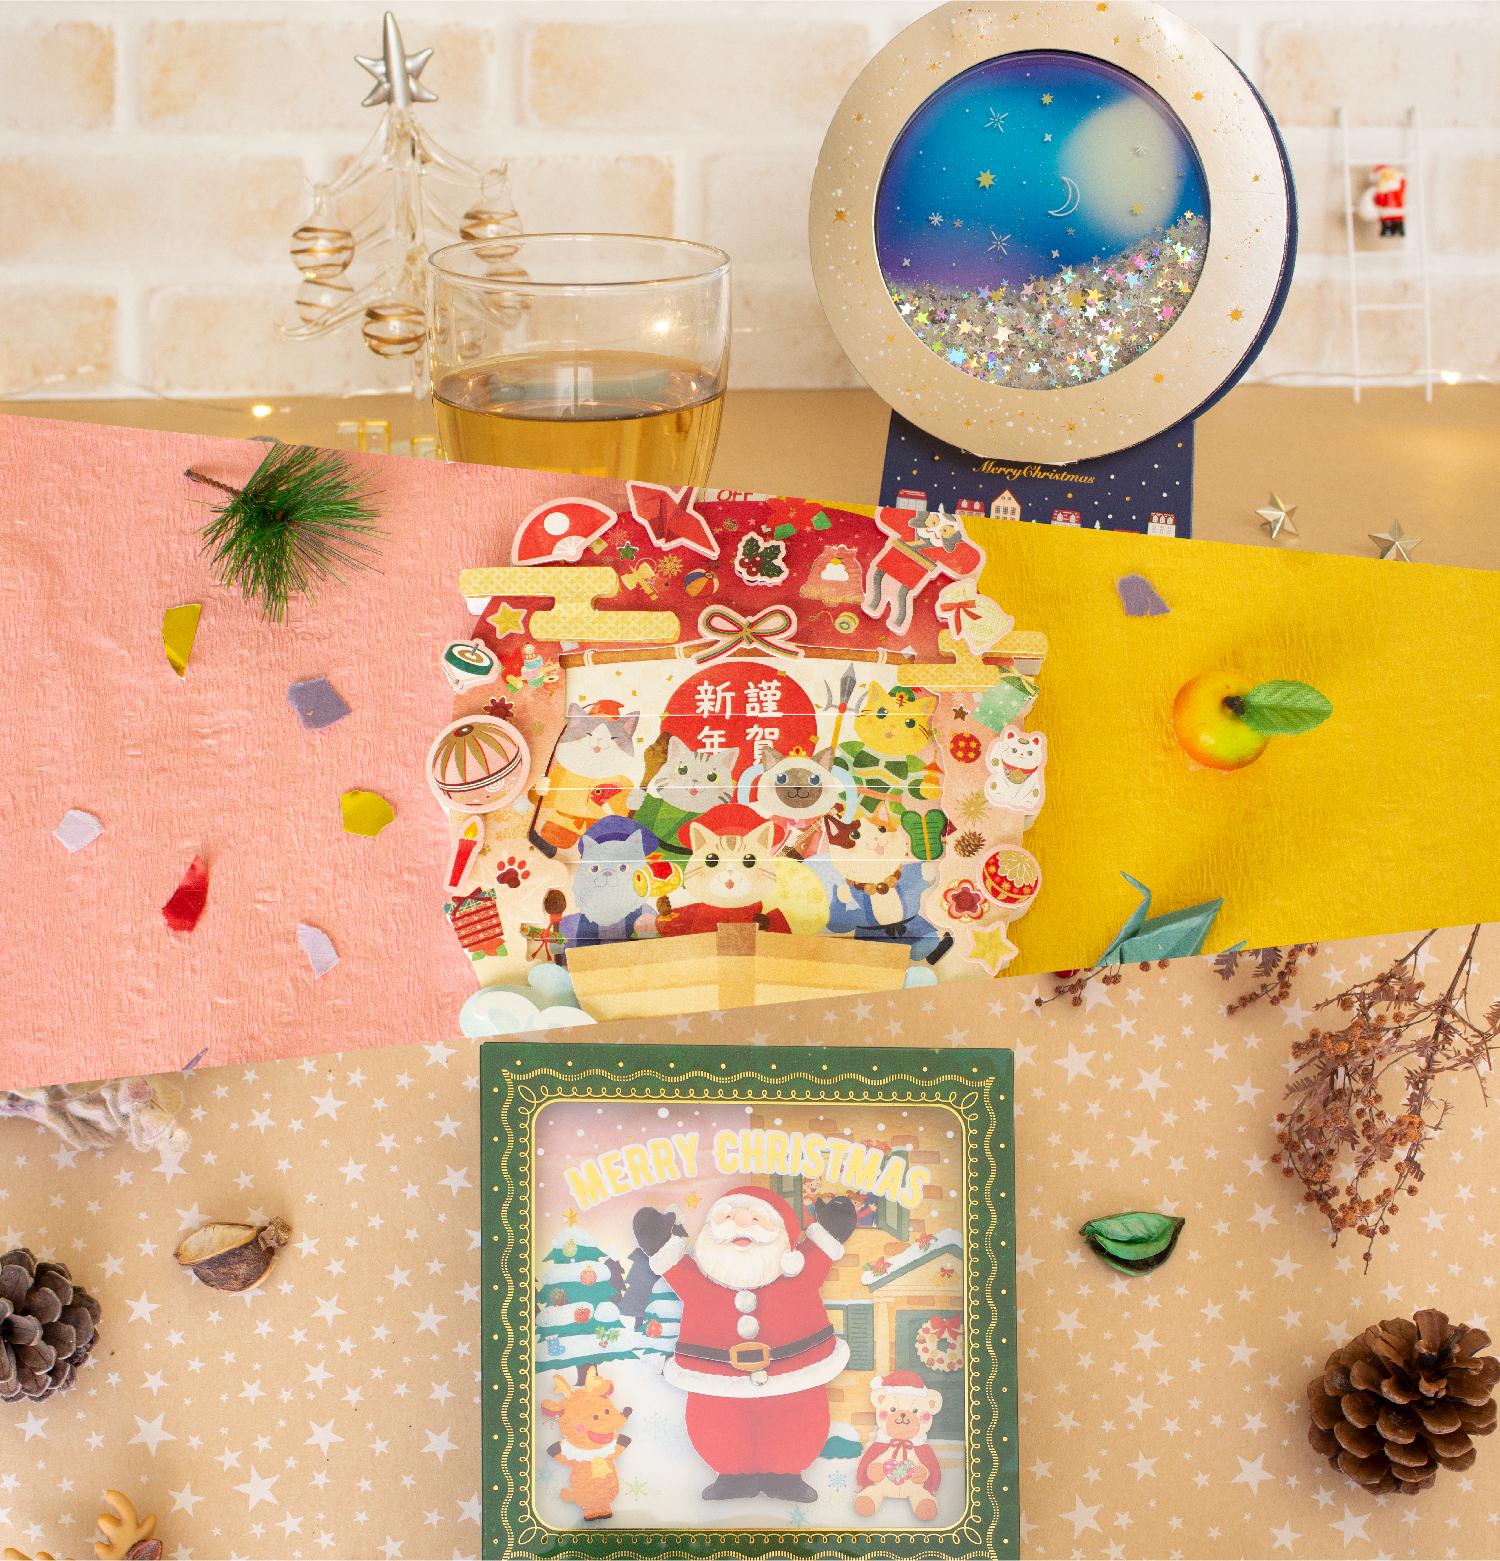 グリーティングカード | クリスマスカード | 興和紡株式会社